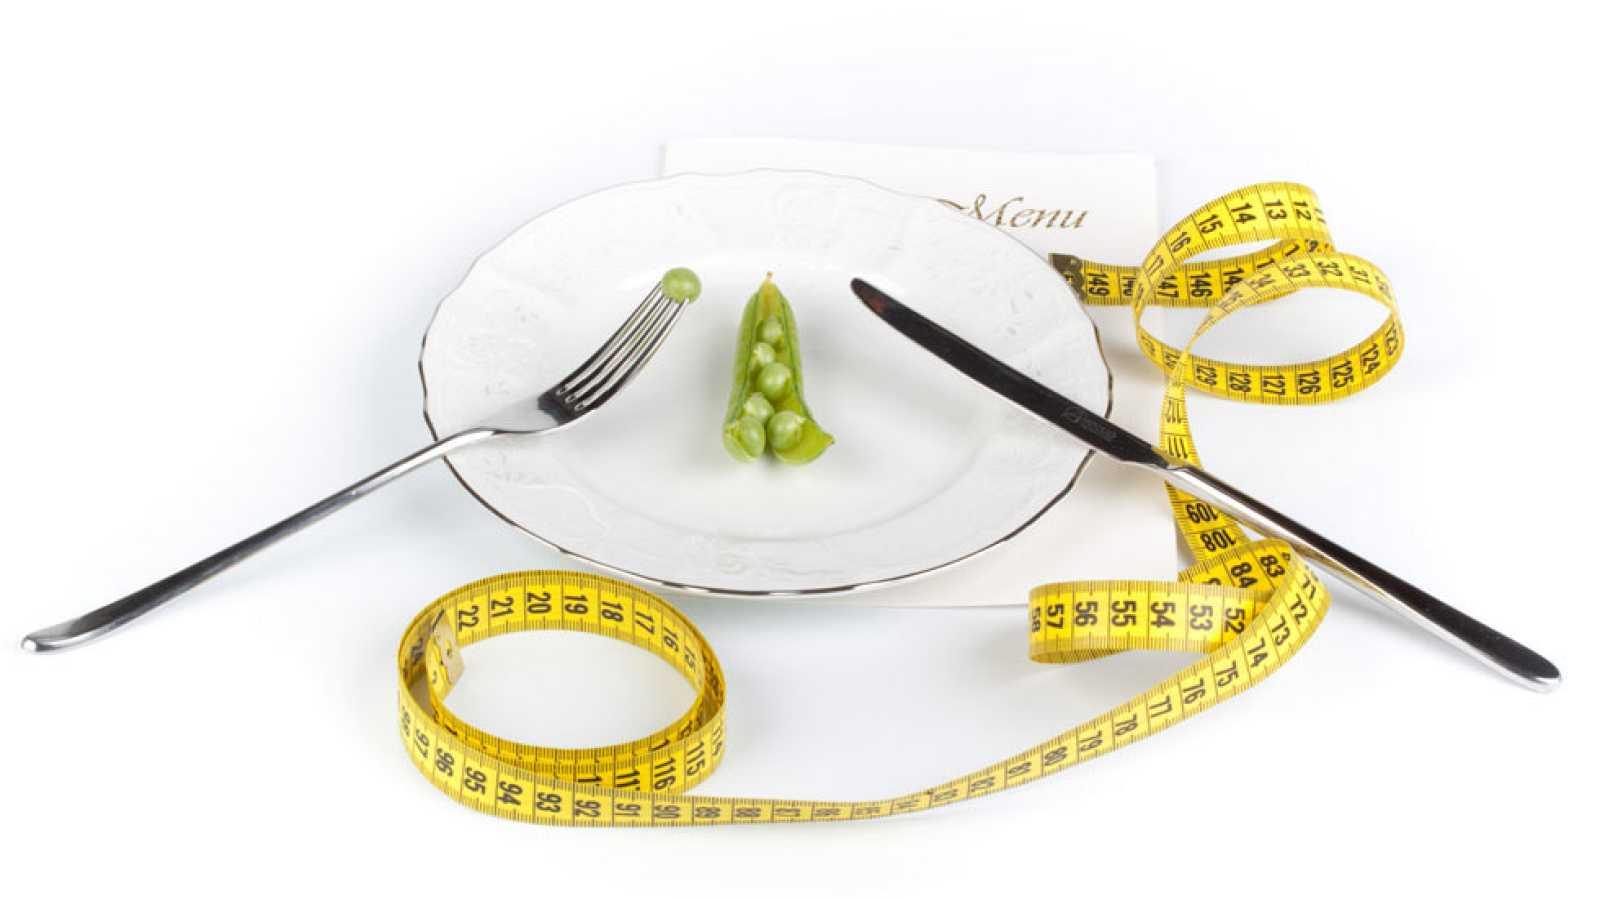 Una madre emprende una batalla legal contra la apología de la anorexia